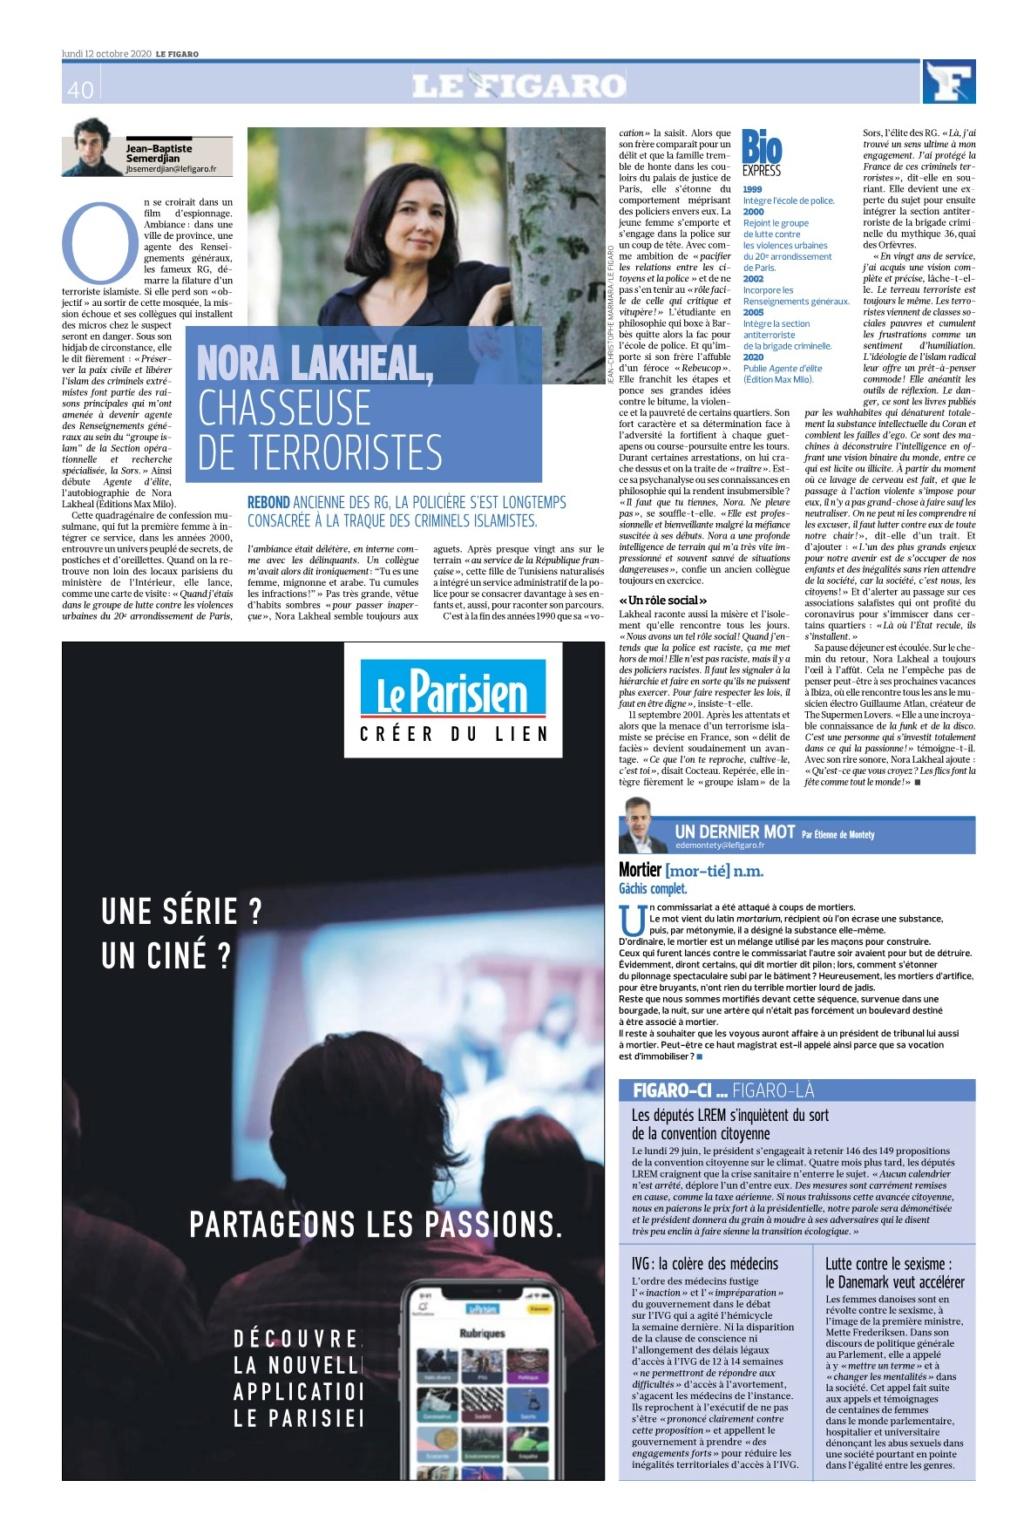 Figaro: nora lakheal chasseuse de terroristes Lefiga27